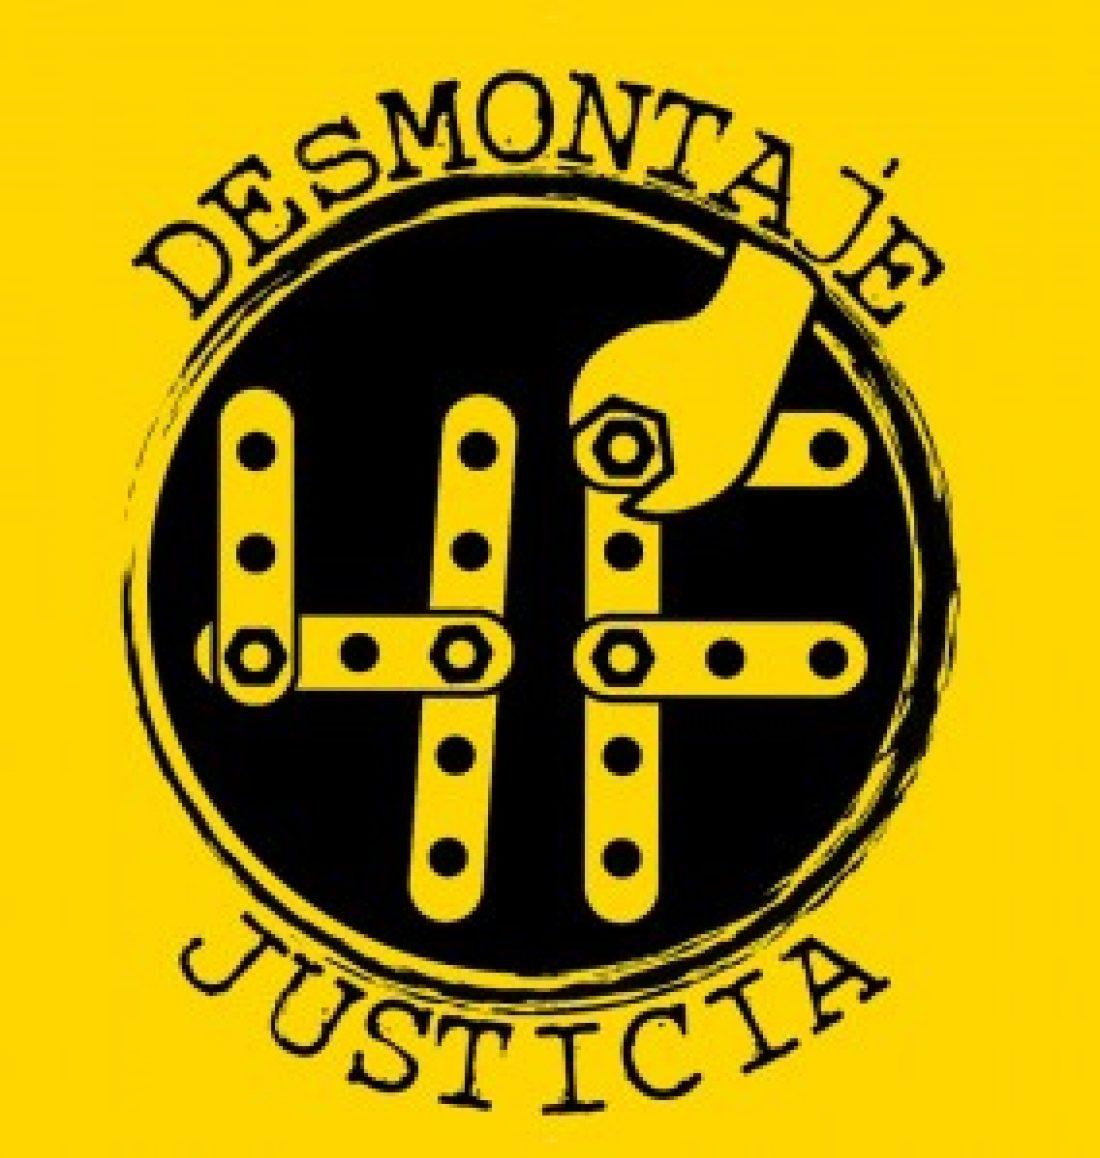 CGT exigimos la revisión del caso 4-F y responsabilidades políticas, judiciales y policiales y la exoneración de los condenados